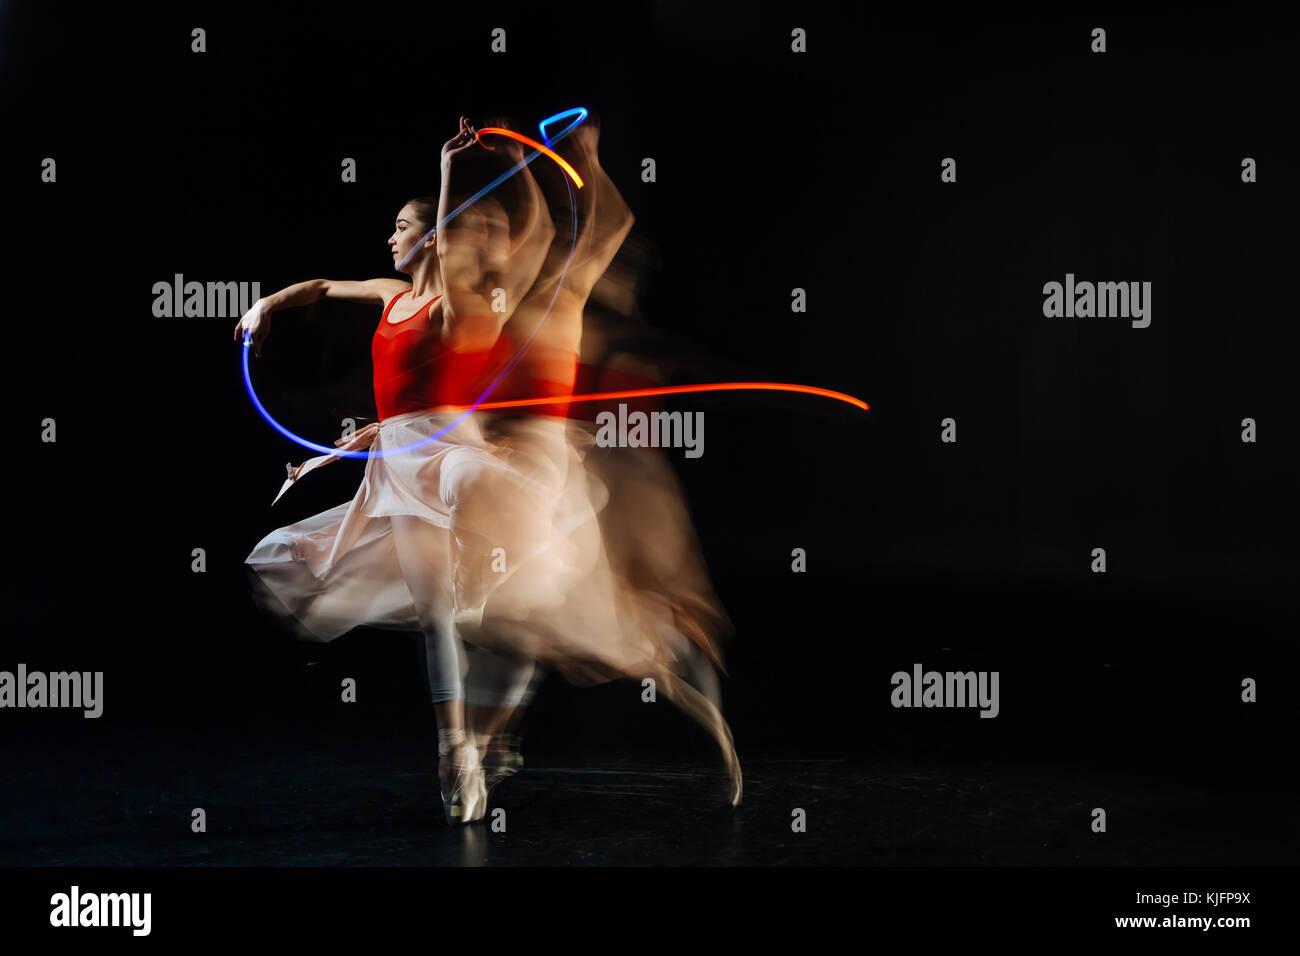 Danseur professionnel de la scène étrange sur l'élégant Photo Stock